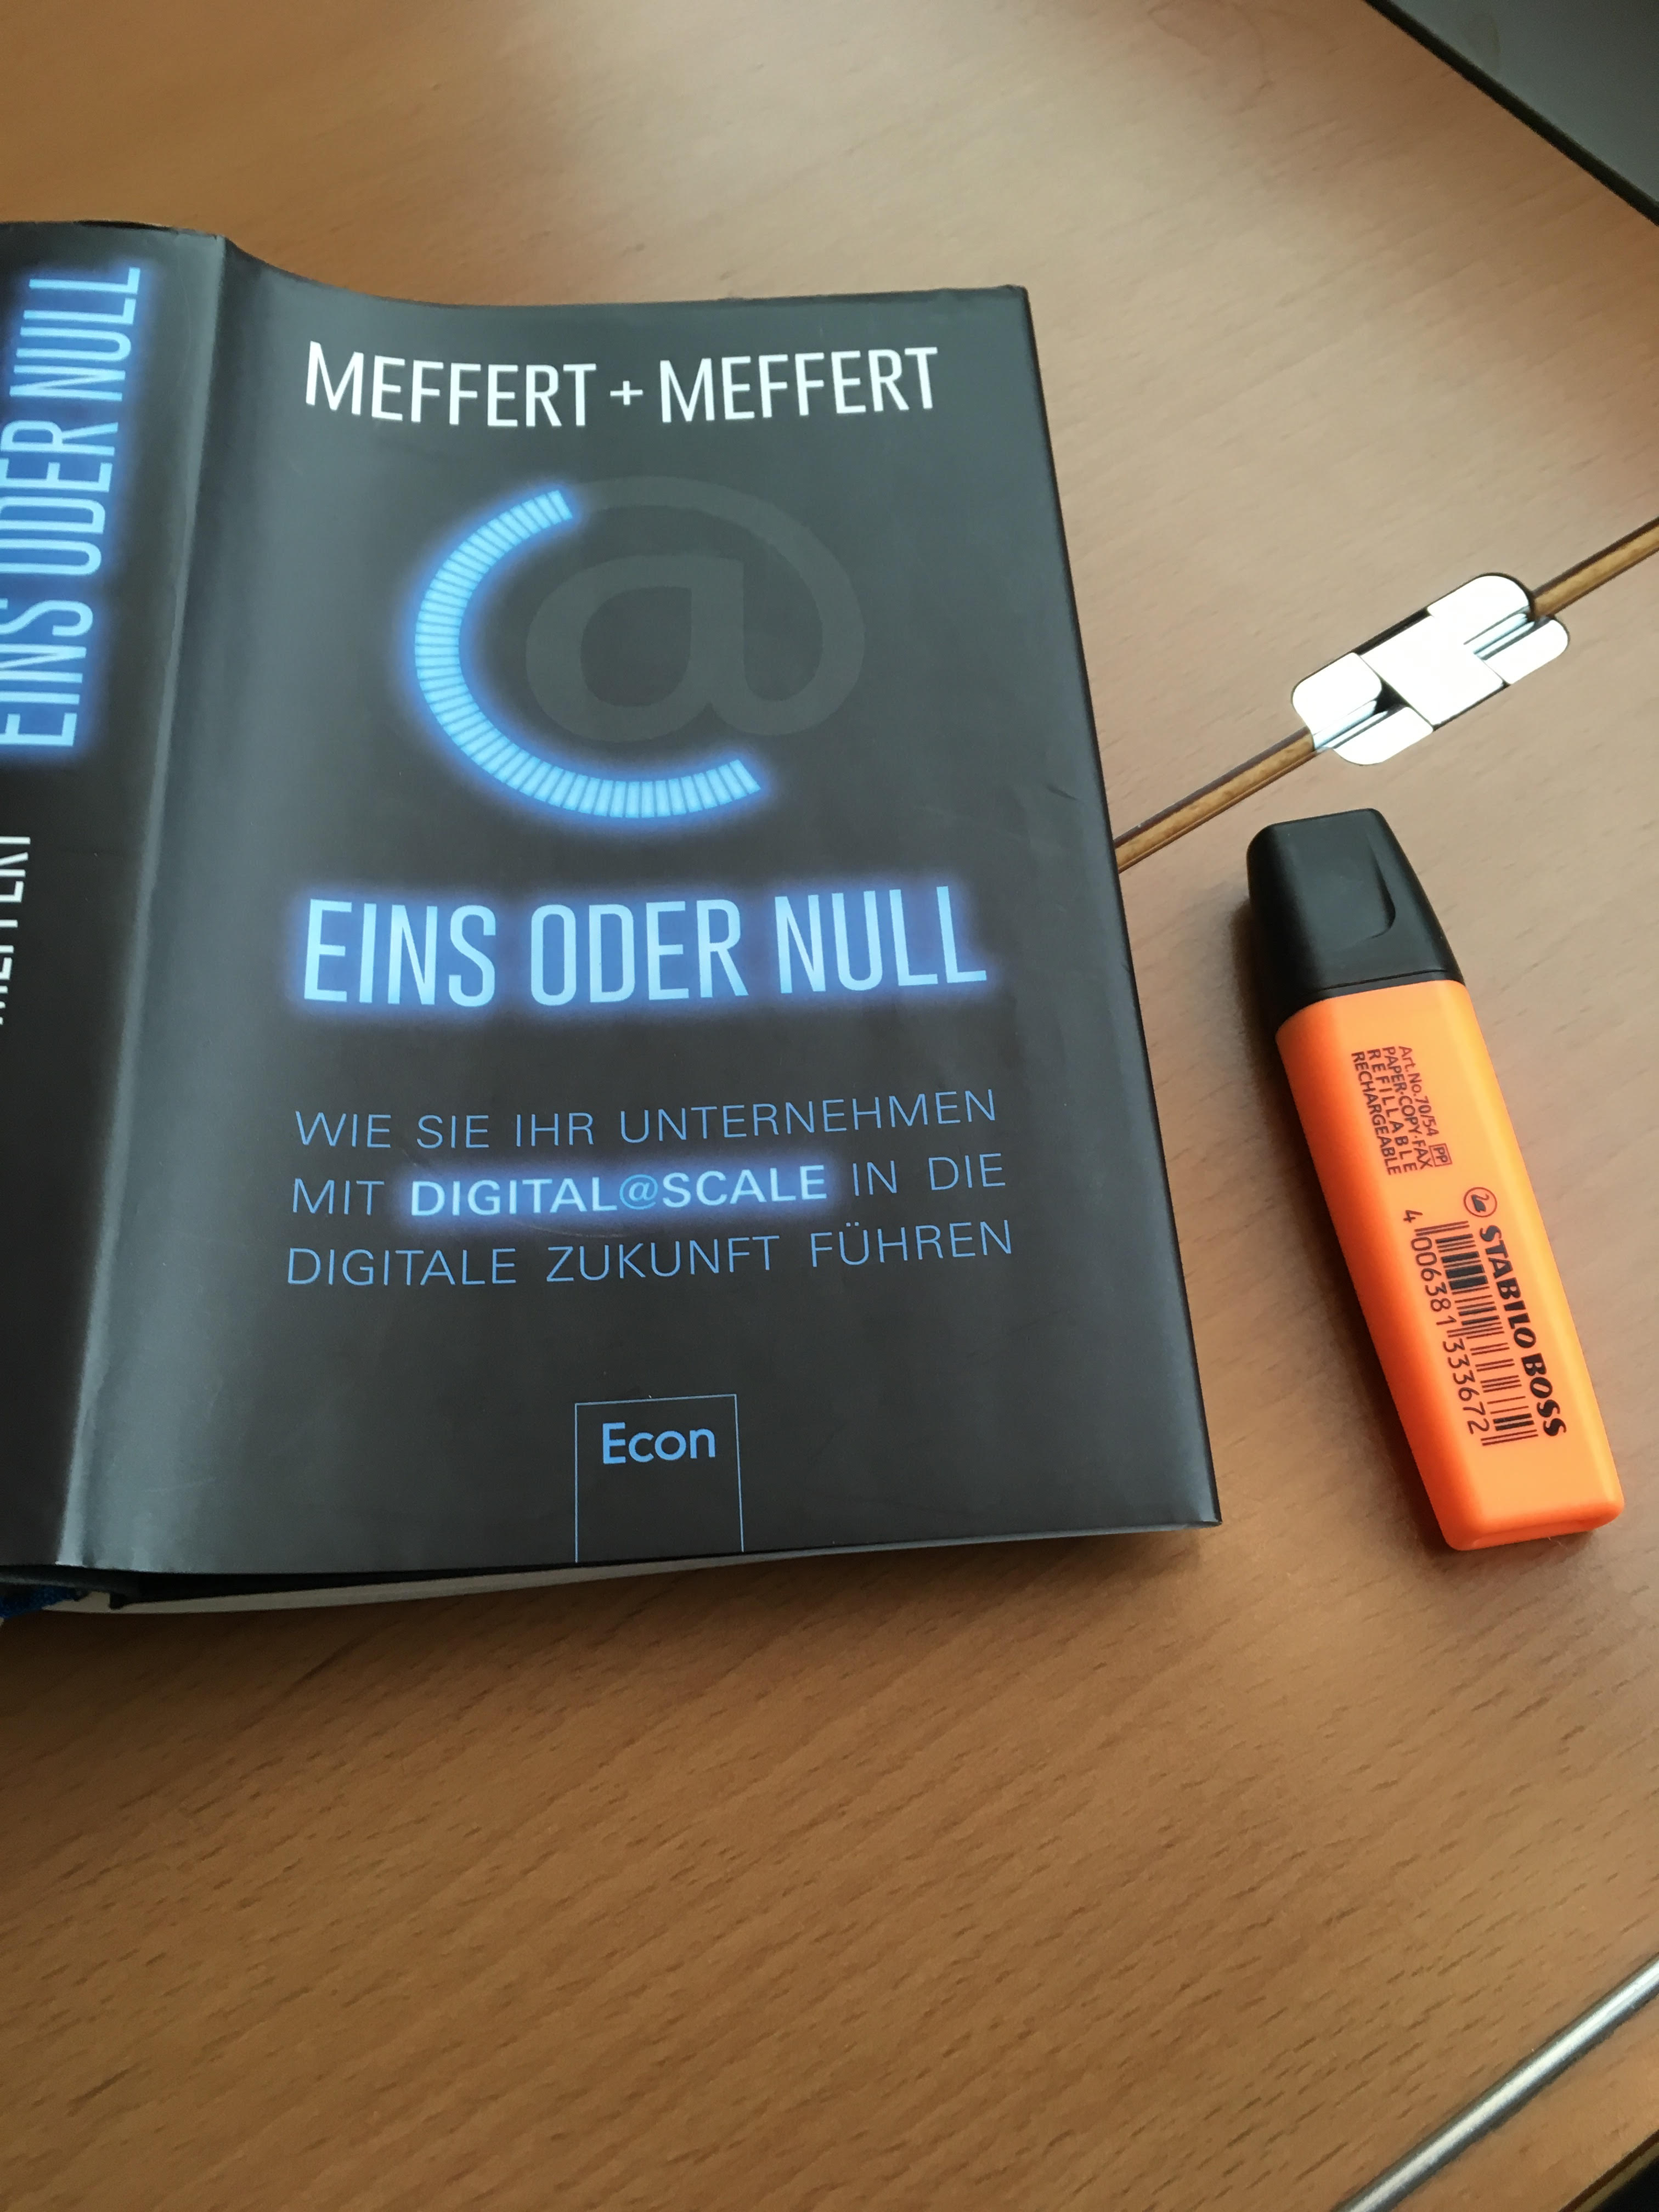 Buchbesprechung: Eins oder Null - von Jürgen und Heribert Meffert - McKinsey